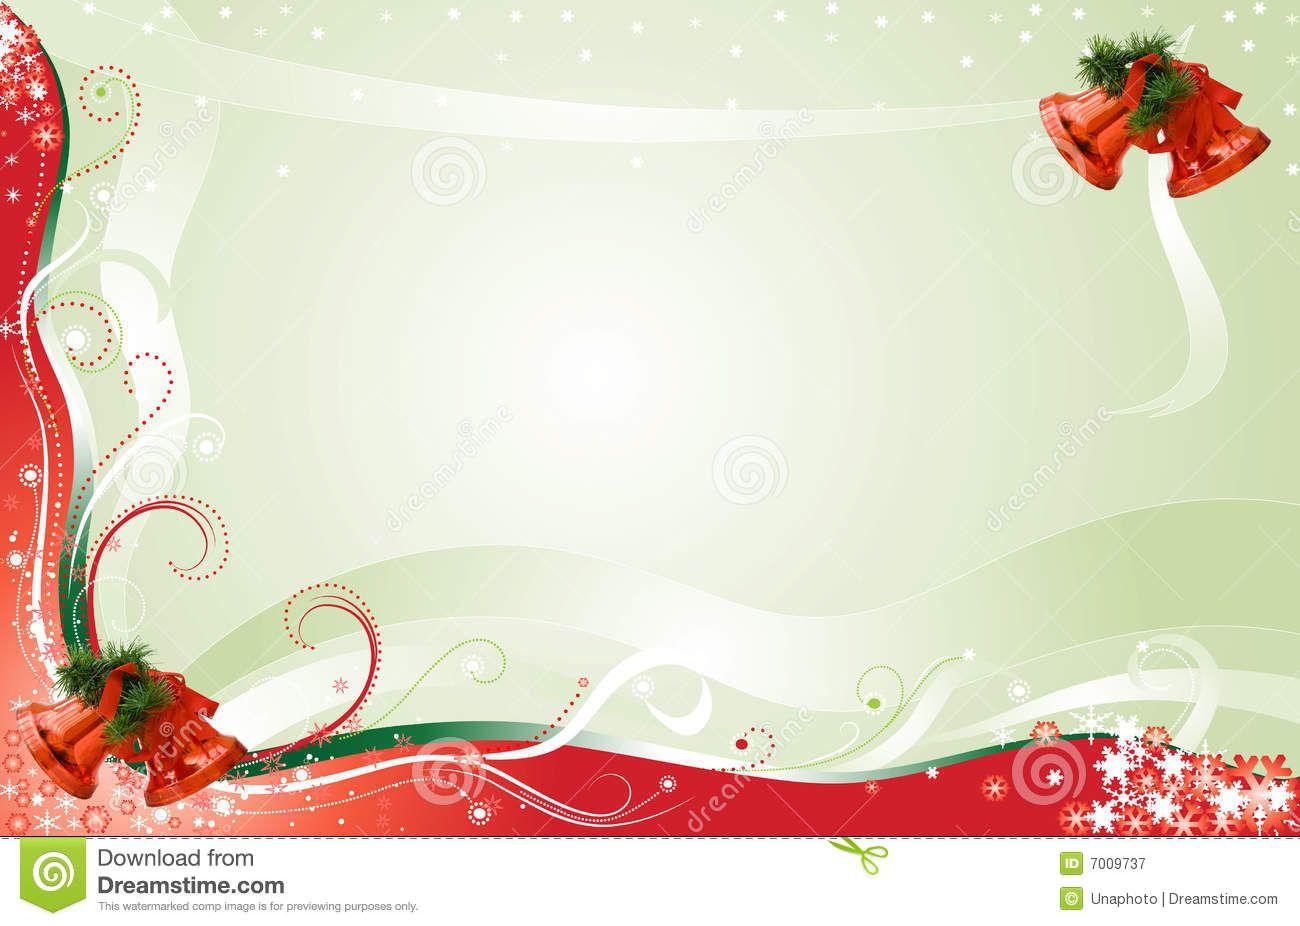 Fondo De Navidad Para Fotos: Fondos De Navidad Con Hadas Para Fondo De Pantalla En 4K 7